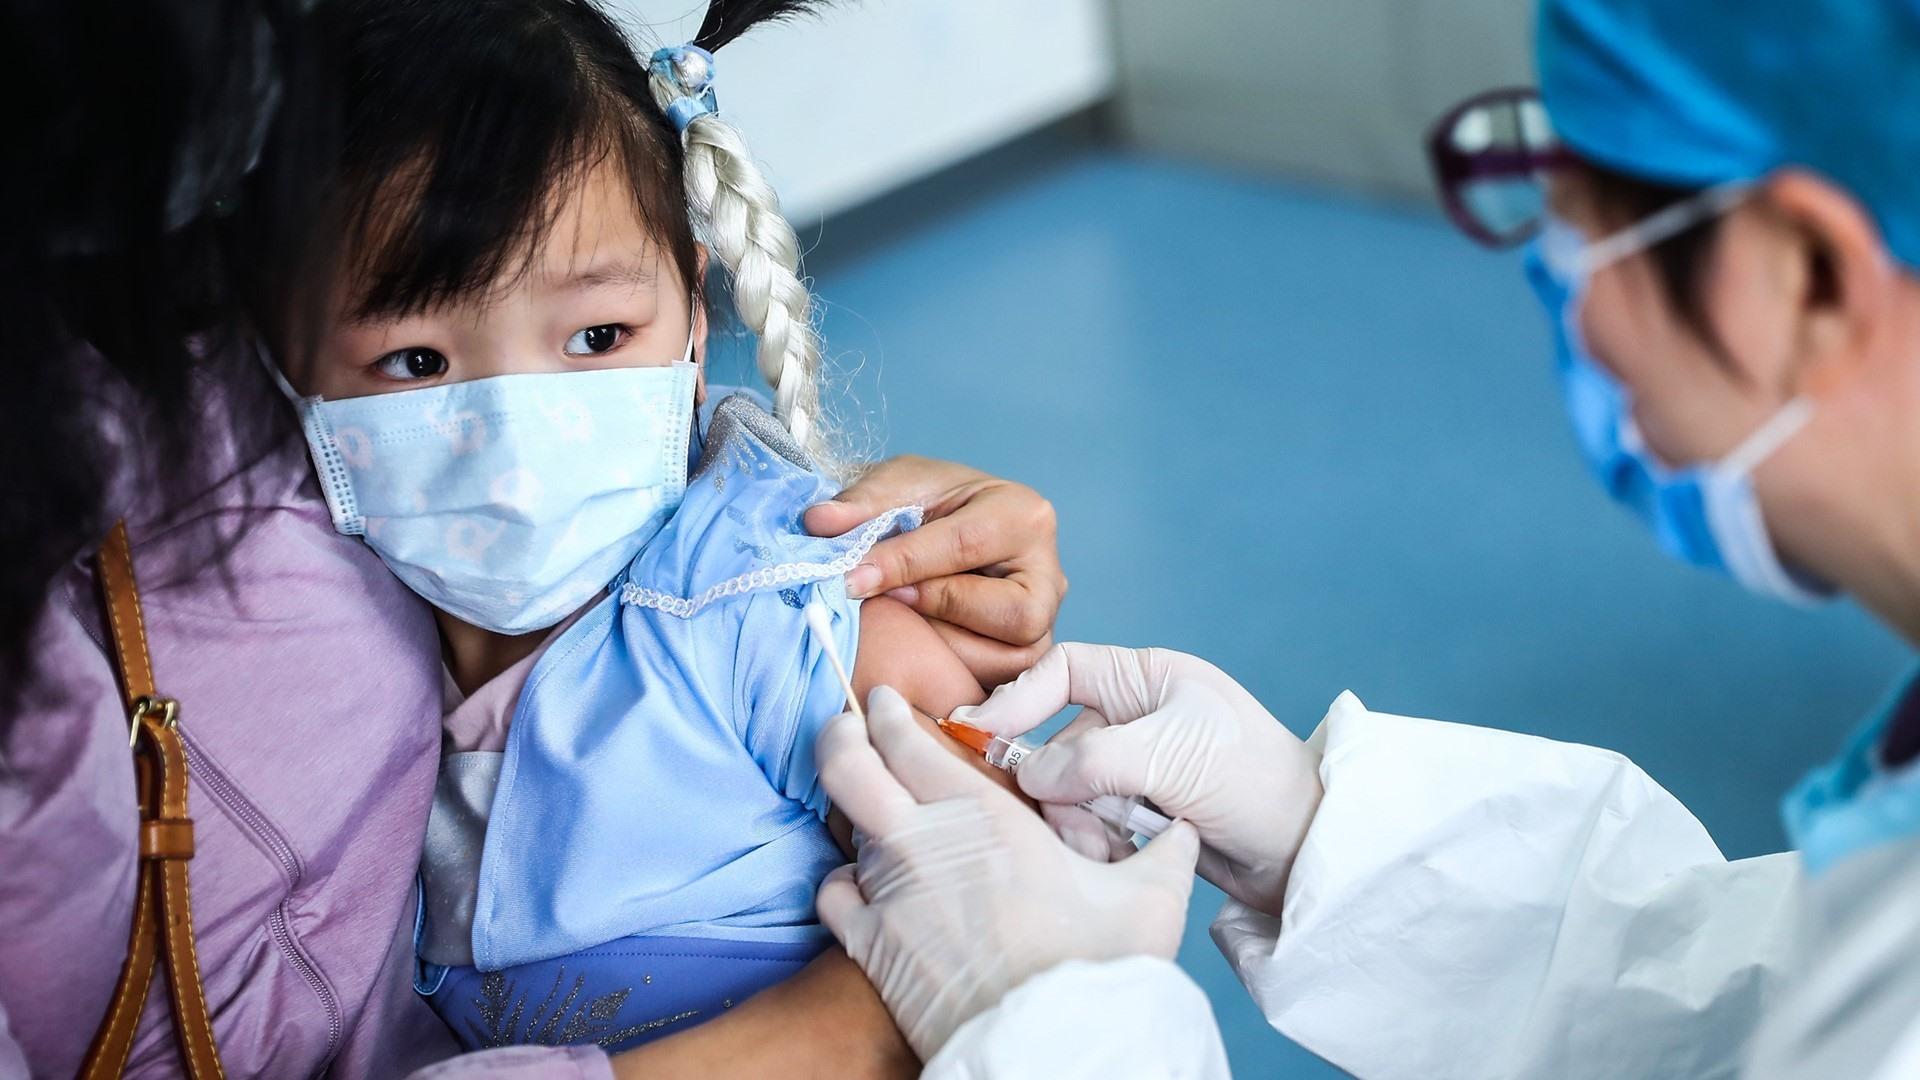 Tỷ lẹ tiêm chủng giảm kéo theo nhiều hệ hụy sức khỏe cộng đồng. Ảnh: thenewsmarket